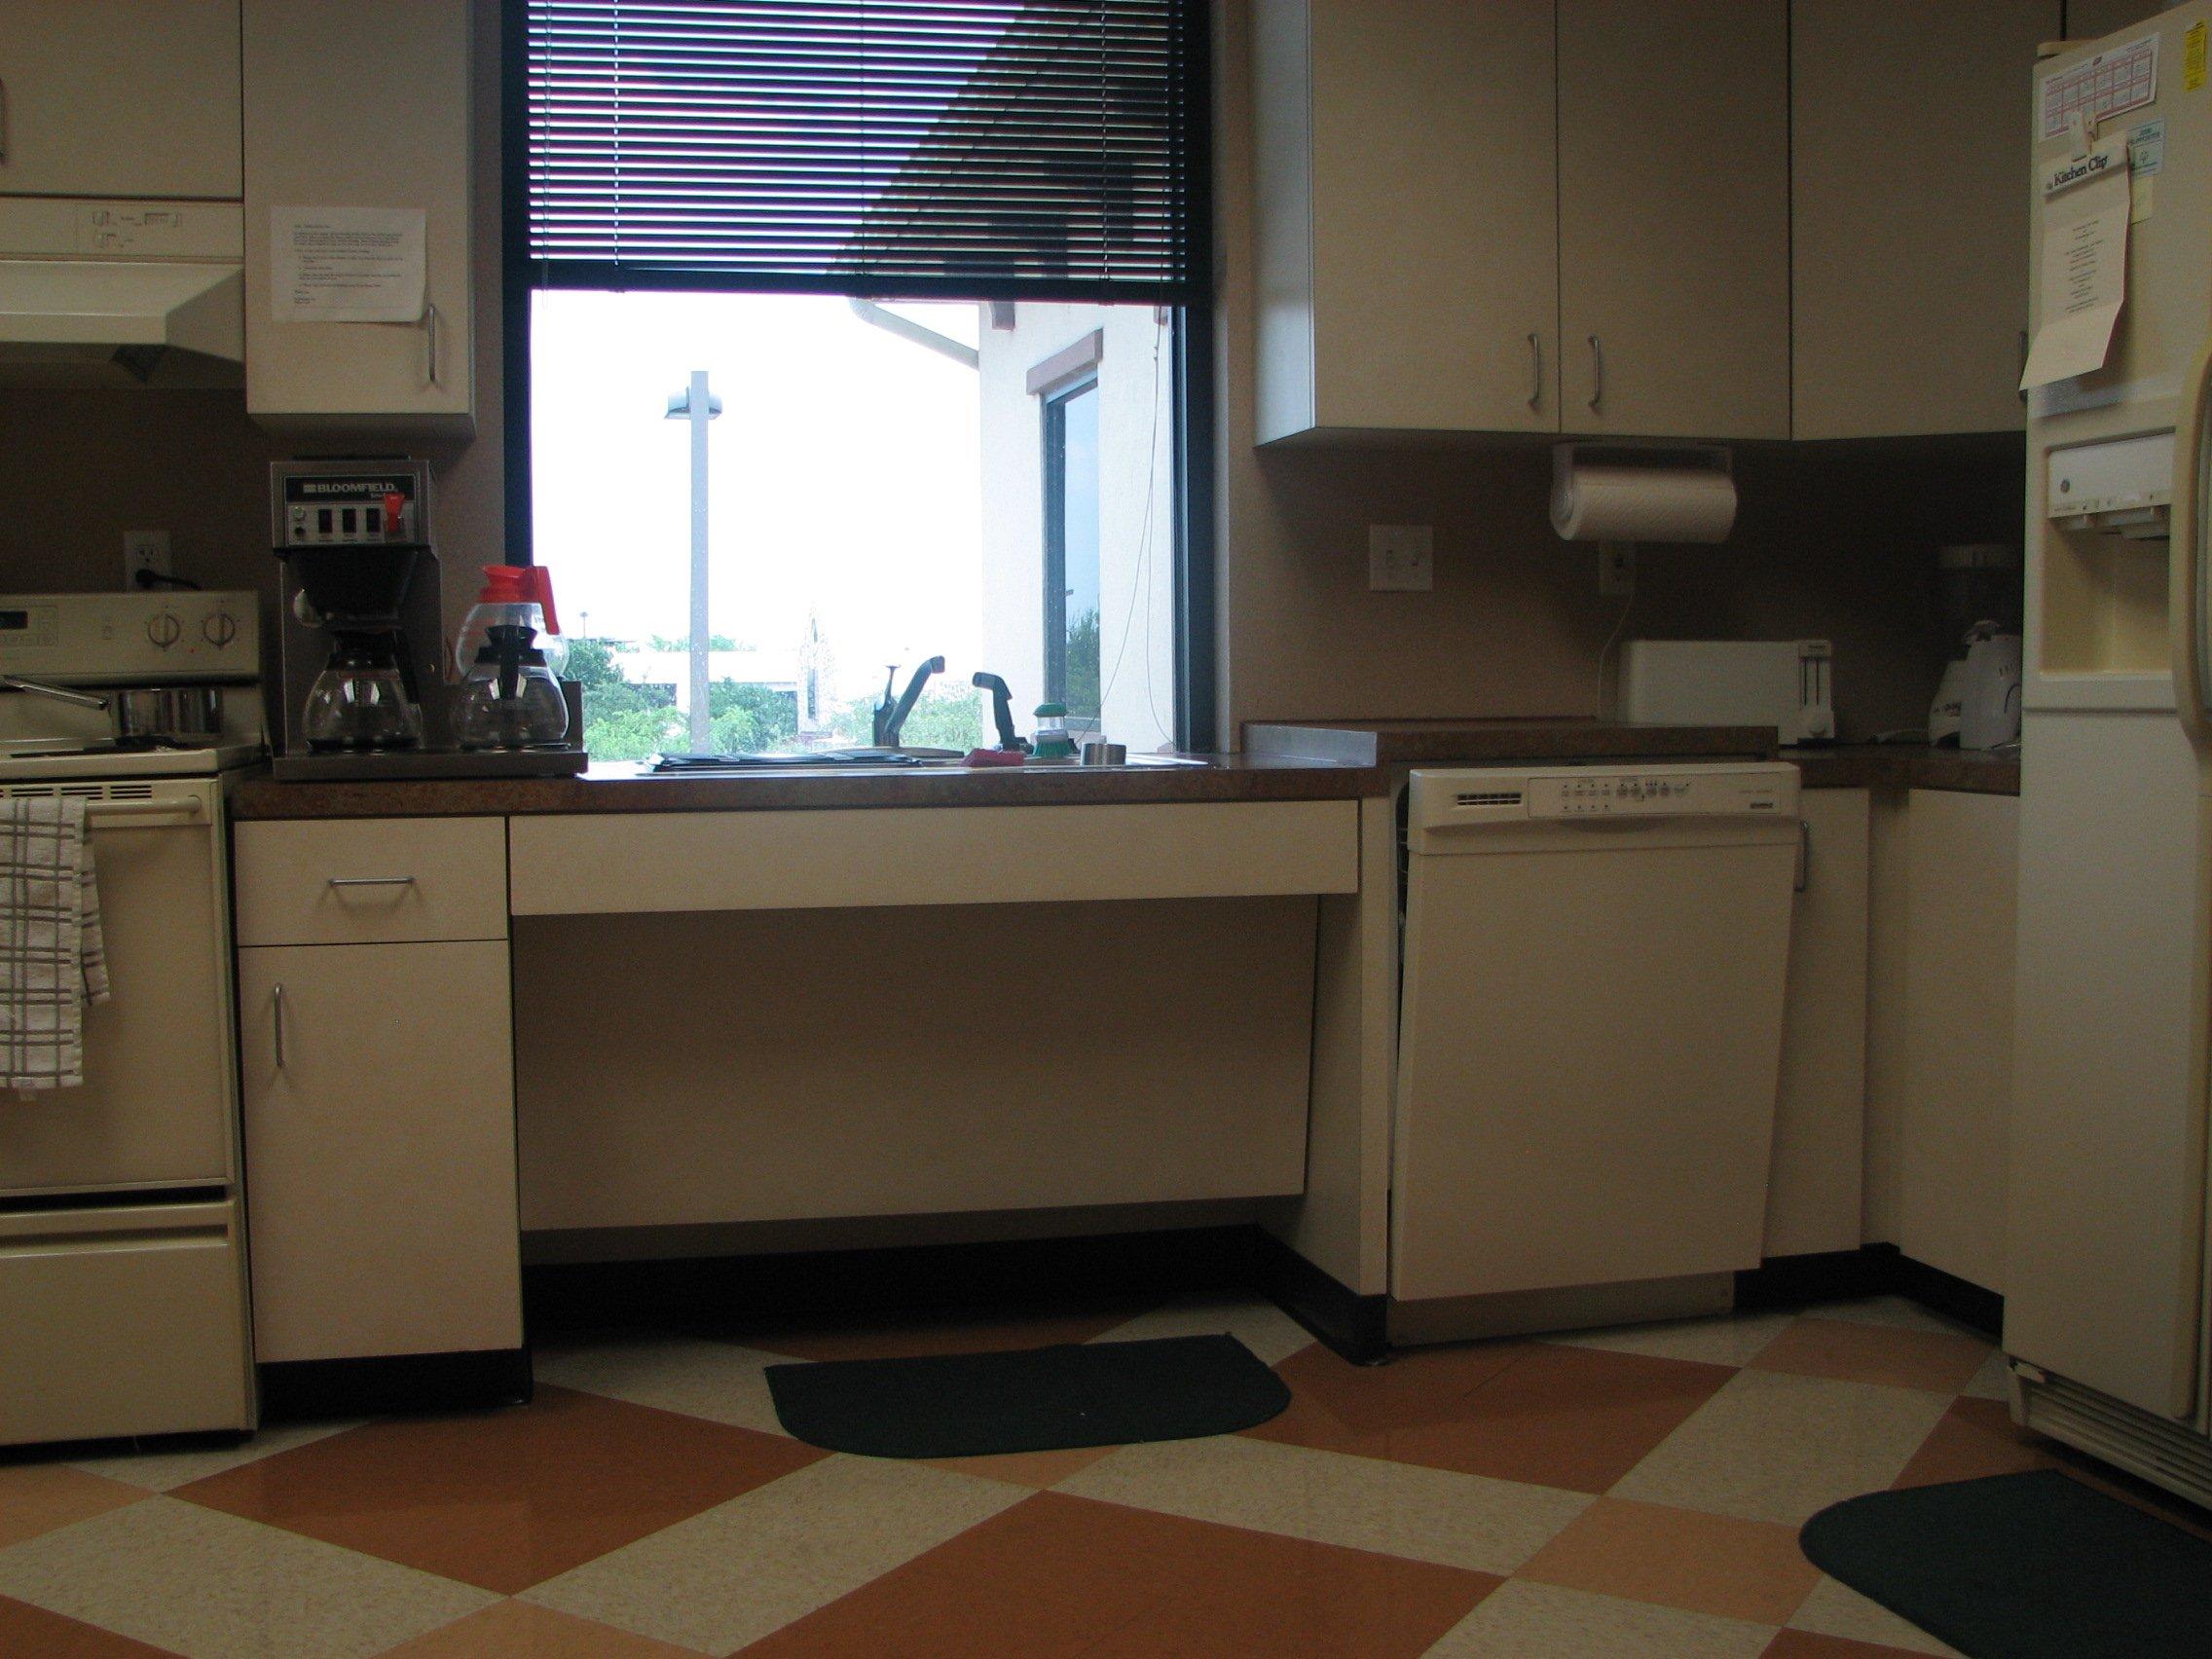 ada compliant kitchen cabinets in austin texas  rh   tsquareco com